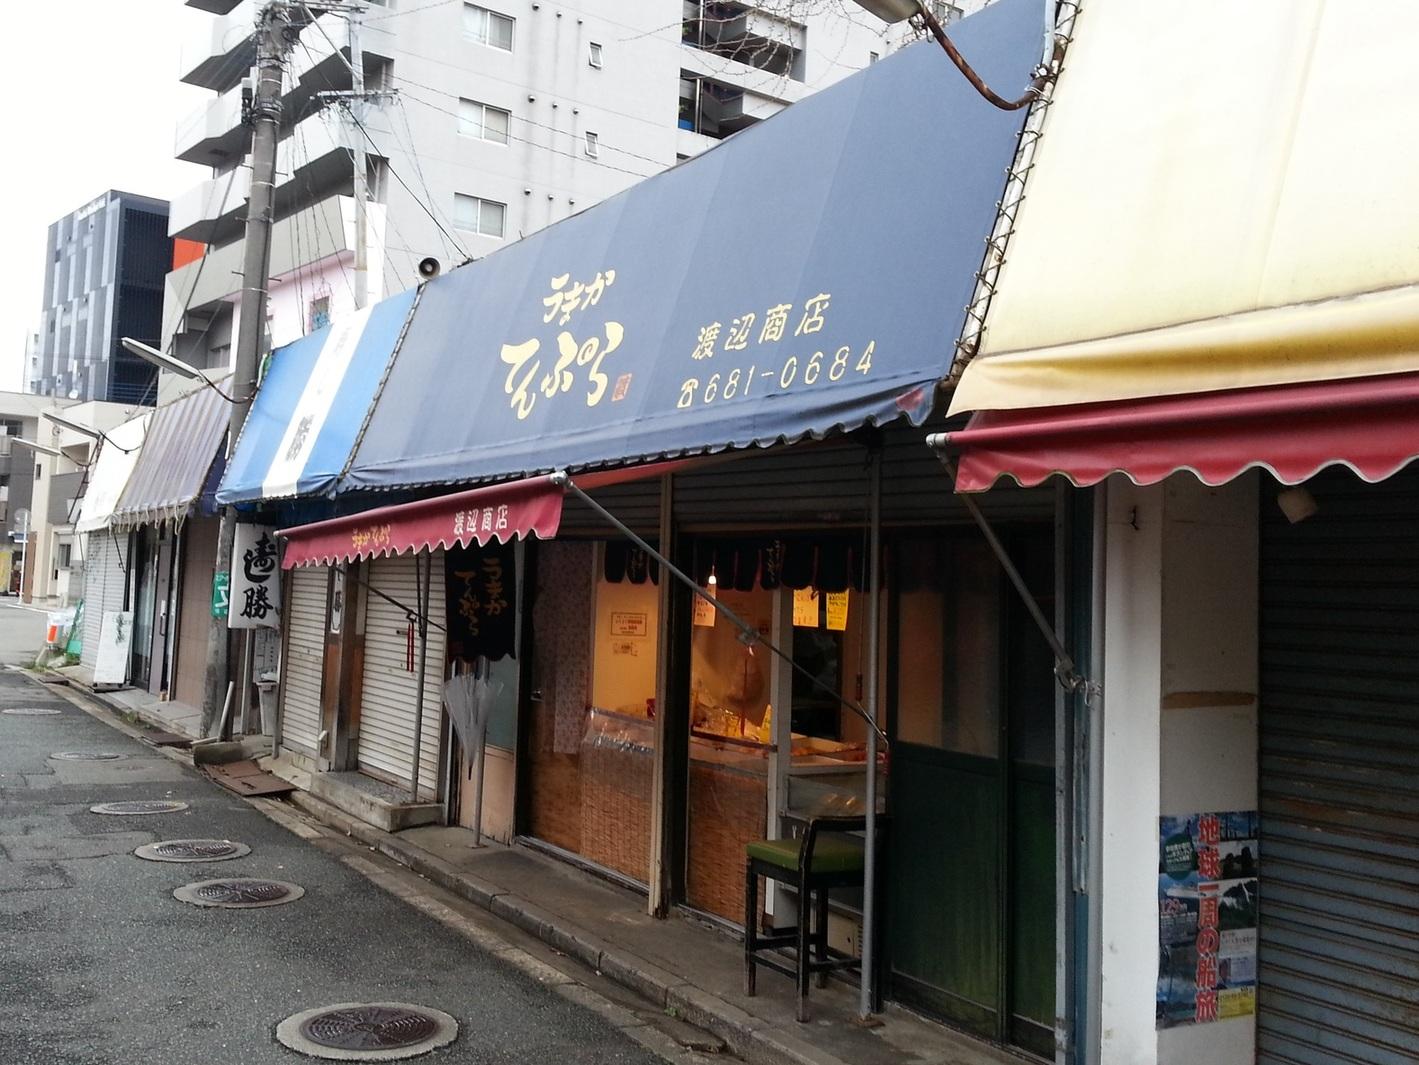 天ぷらの渡辺商店